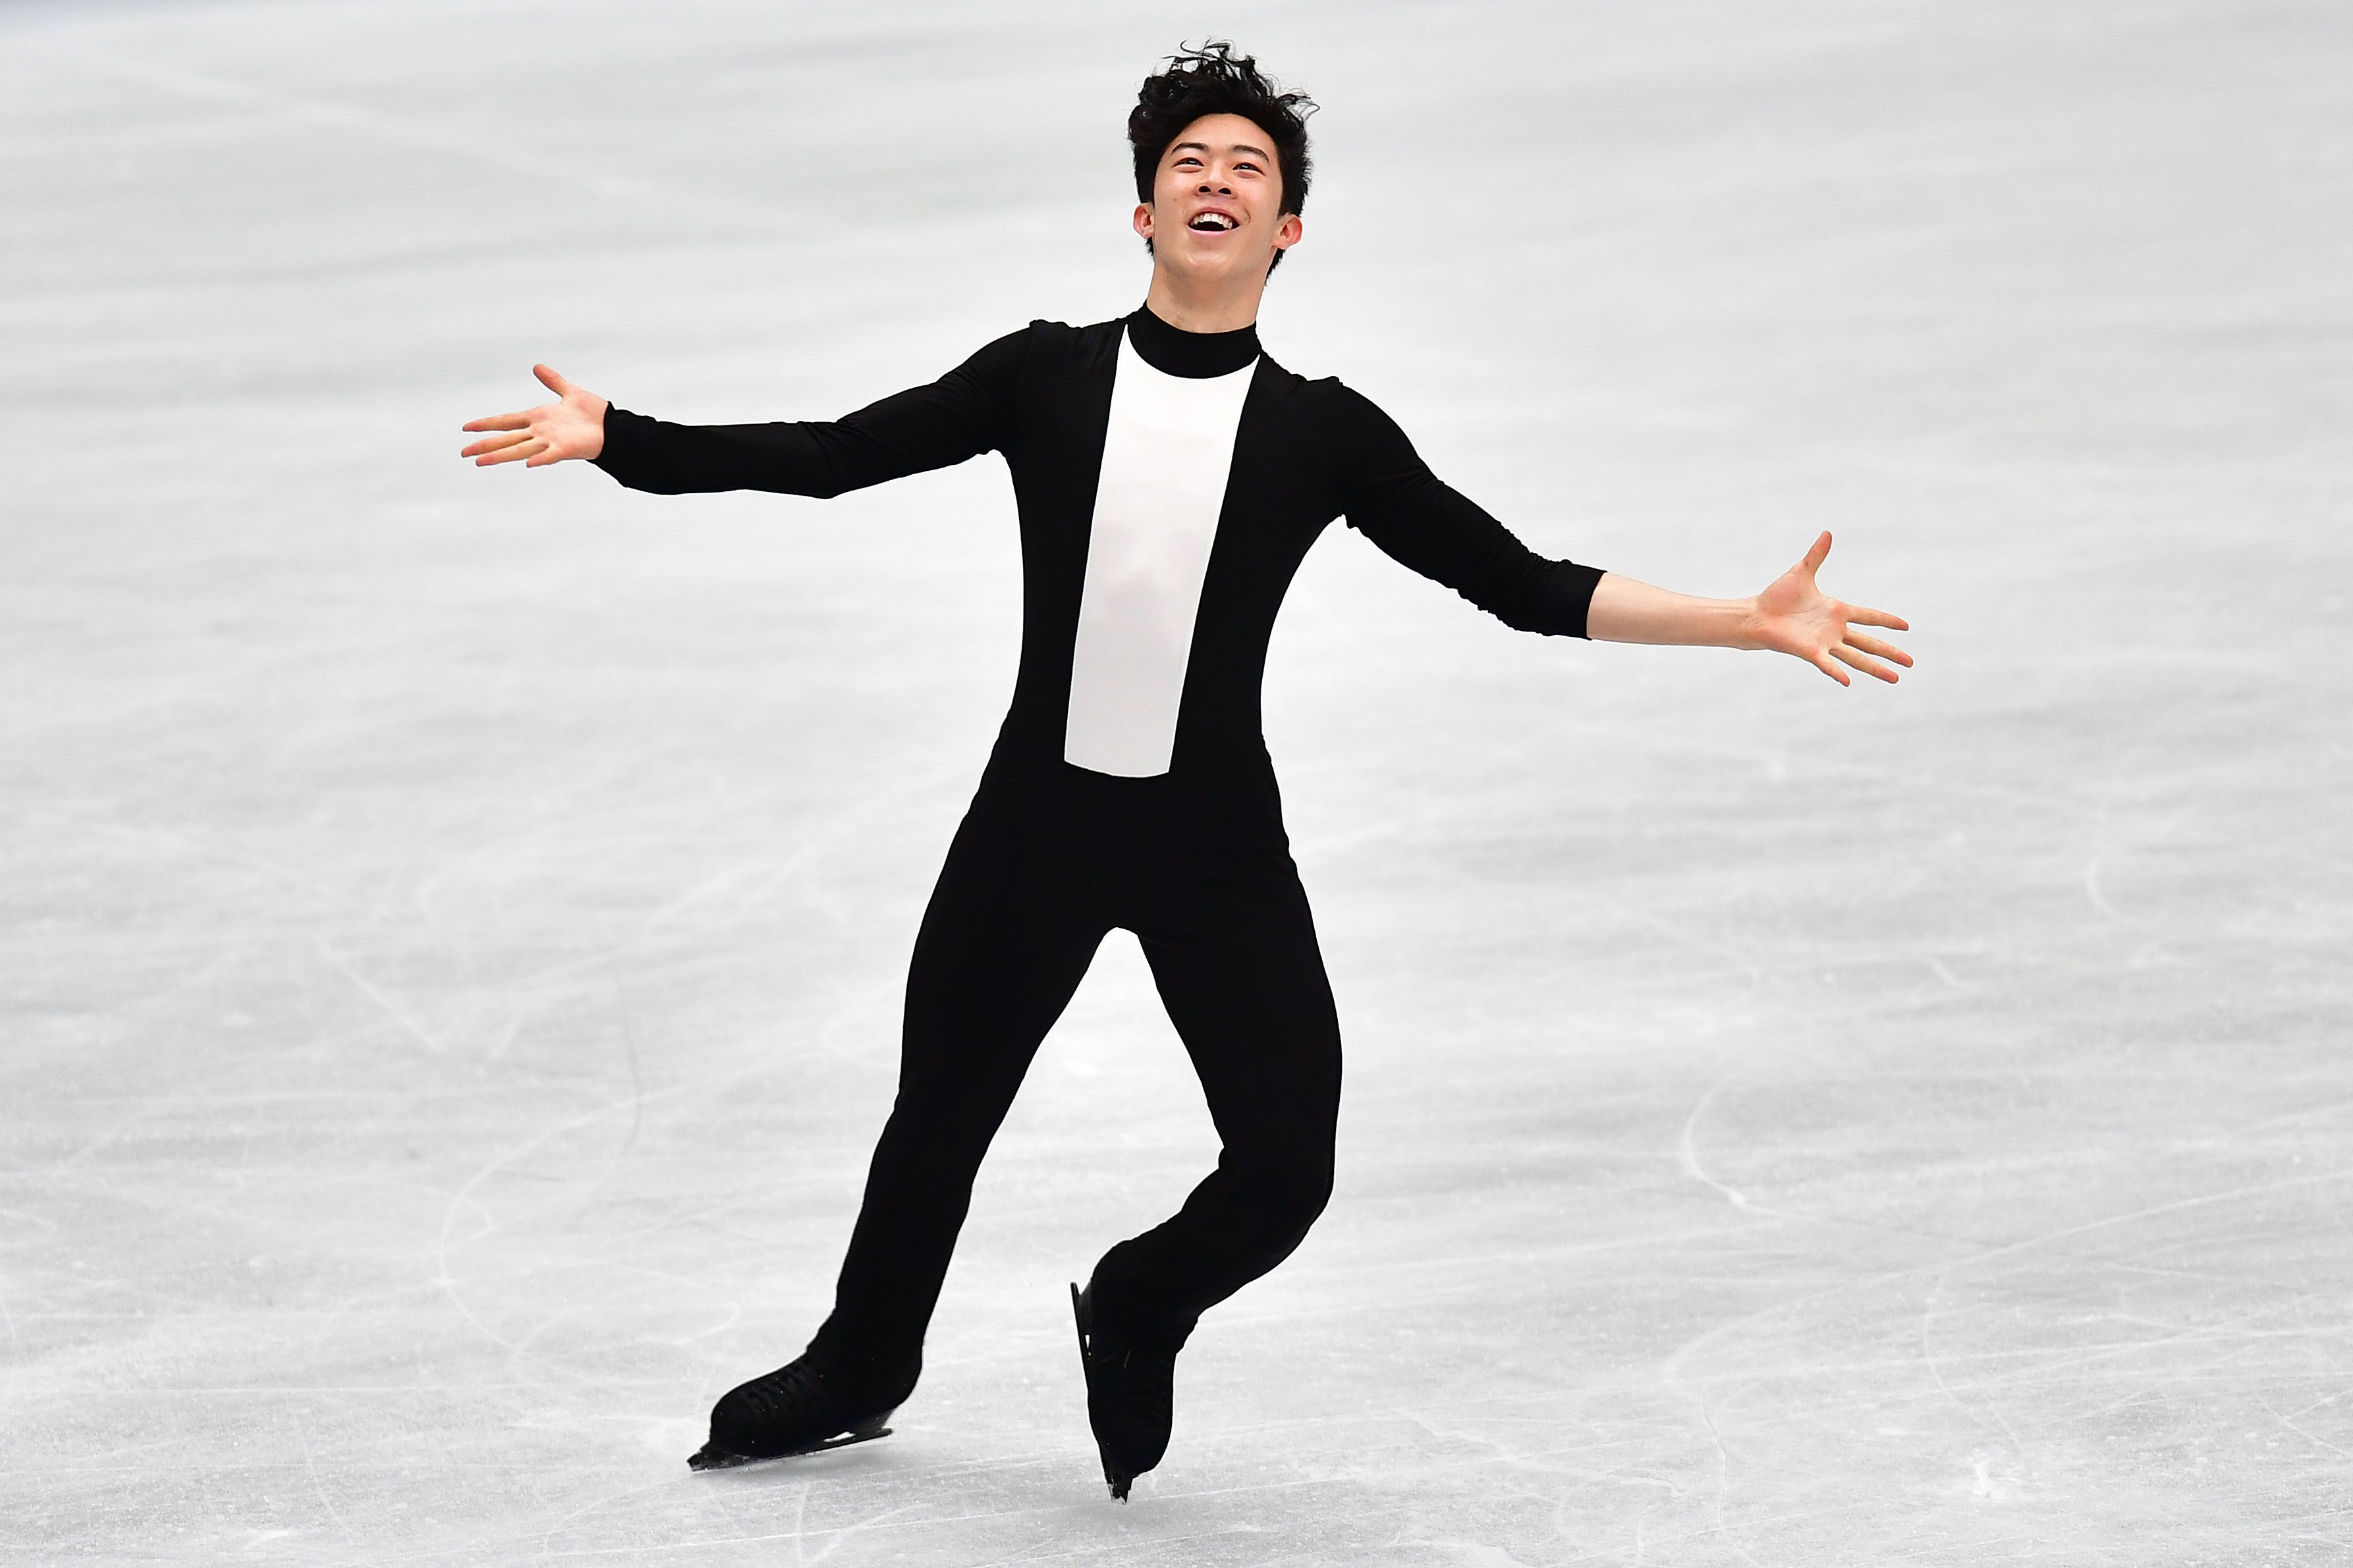 ネイサン・チェンら、ヴェラ・ウォンが担当したフィギュアスケーター歴代衣装ギャラリー